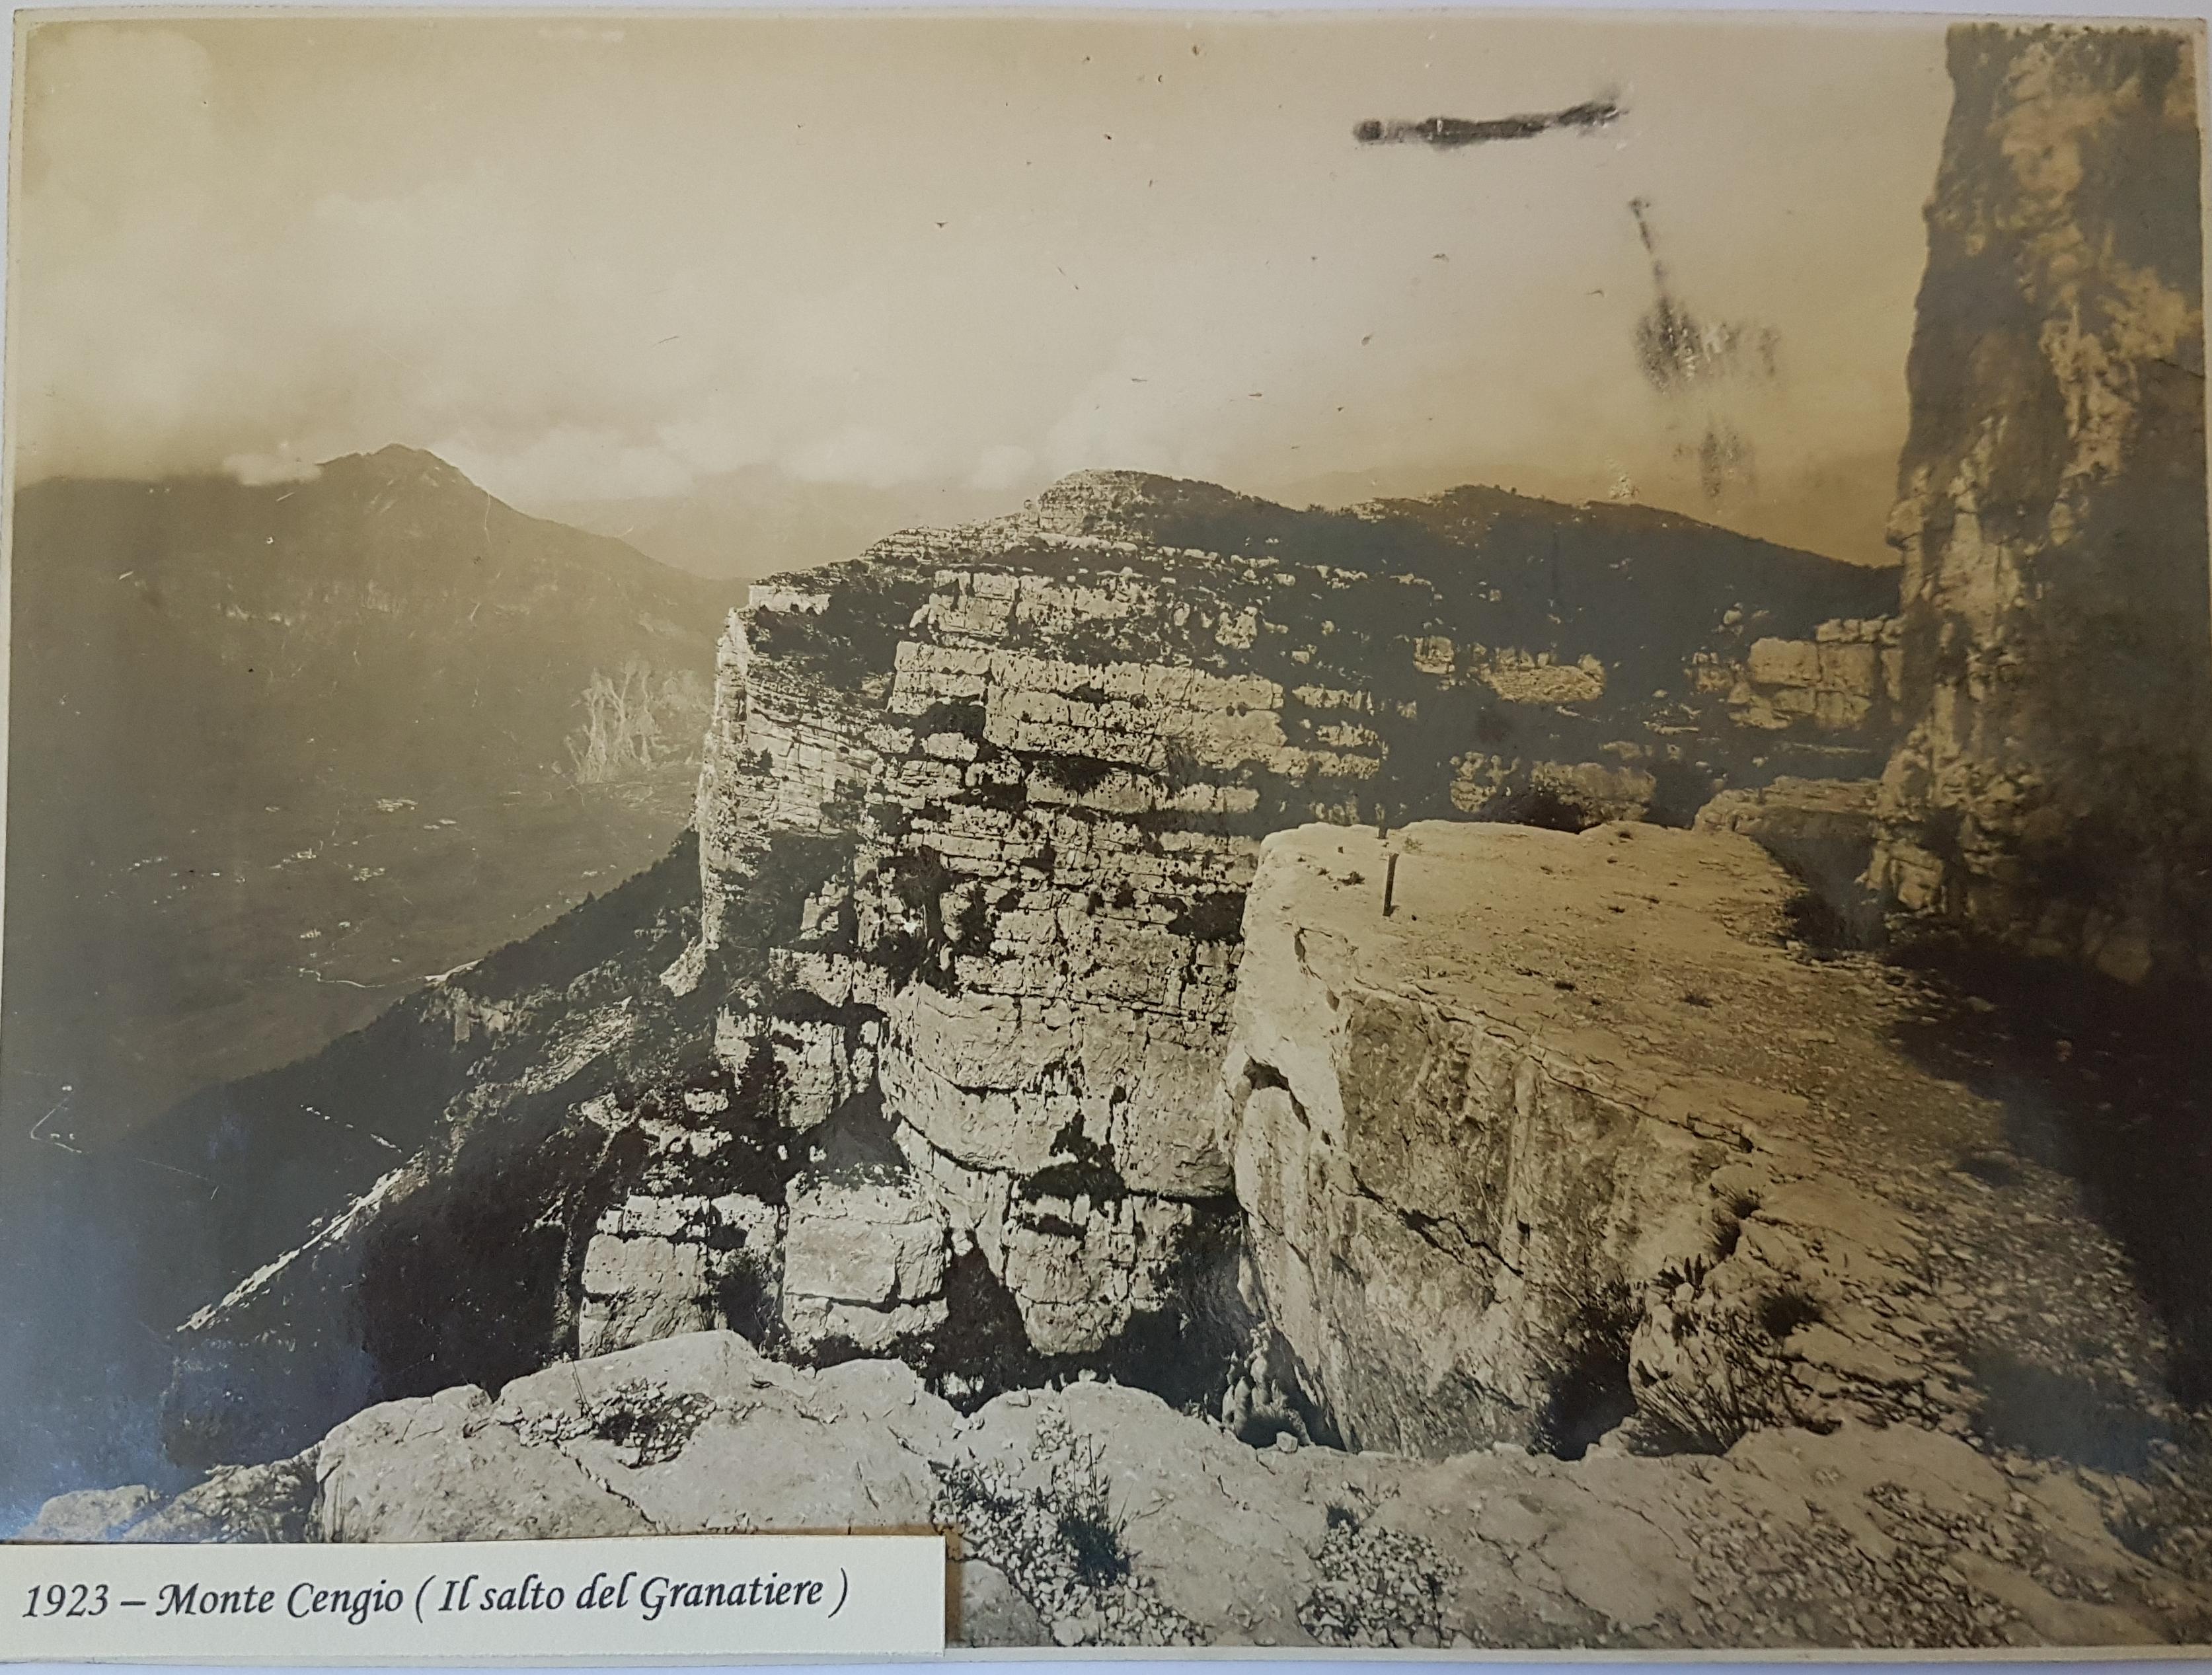 Monte Cengio - Salto del Granatiere 1923